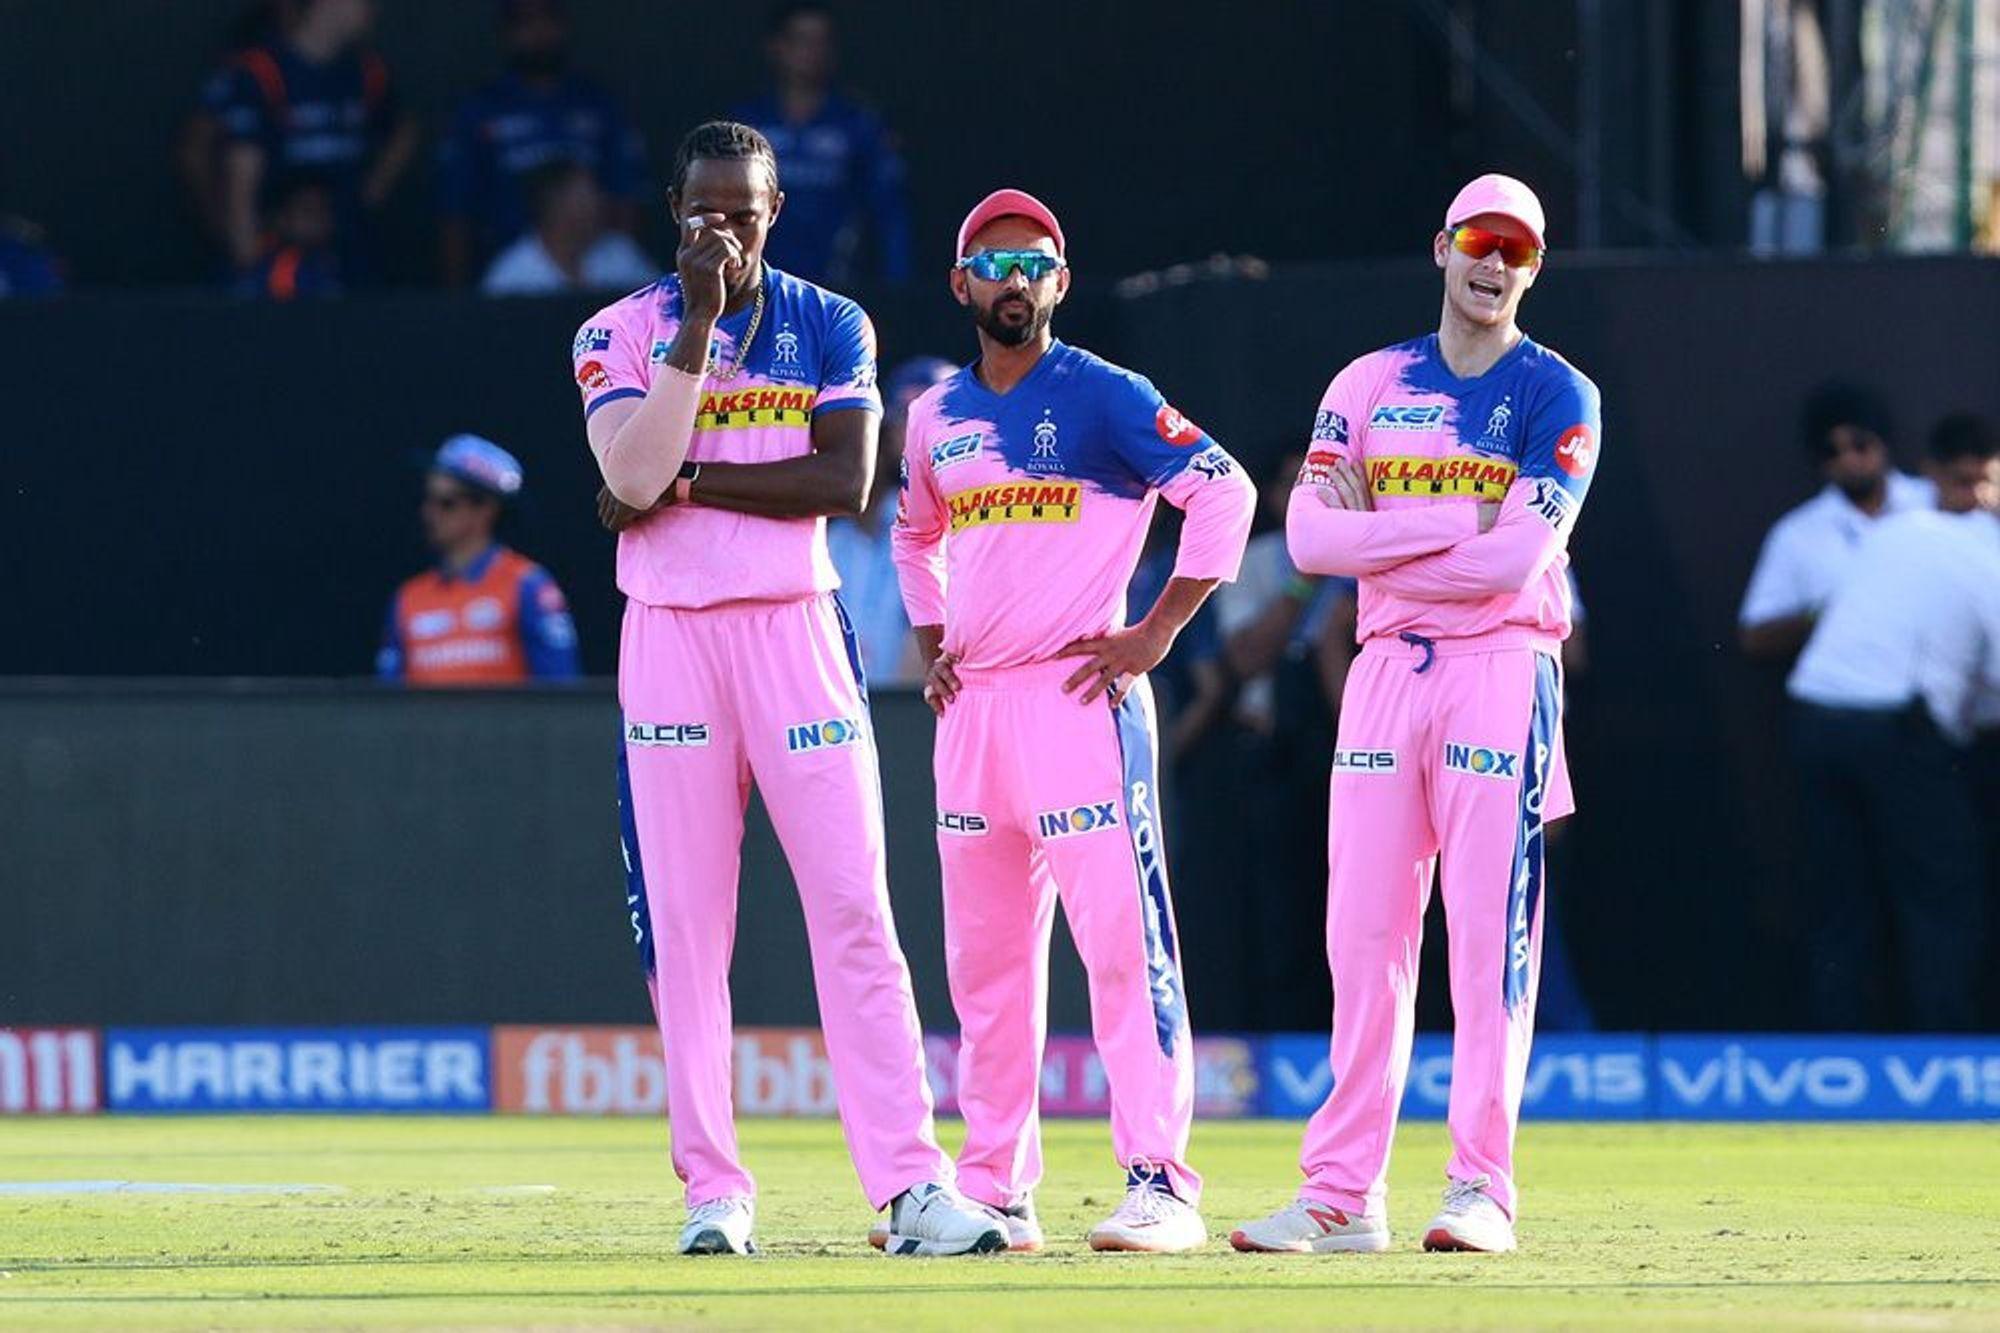 आईपीएल 2019 में एक एक रन के लिए तरस रहा हैं यह ऑस्ट्रेलियाई खिलाड़ी, भारत के खिलाफ रातोंरात बना था सुपरस्टार